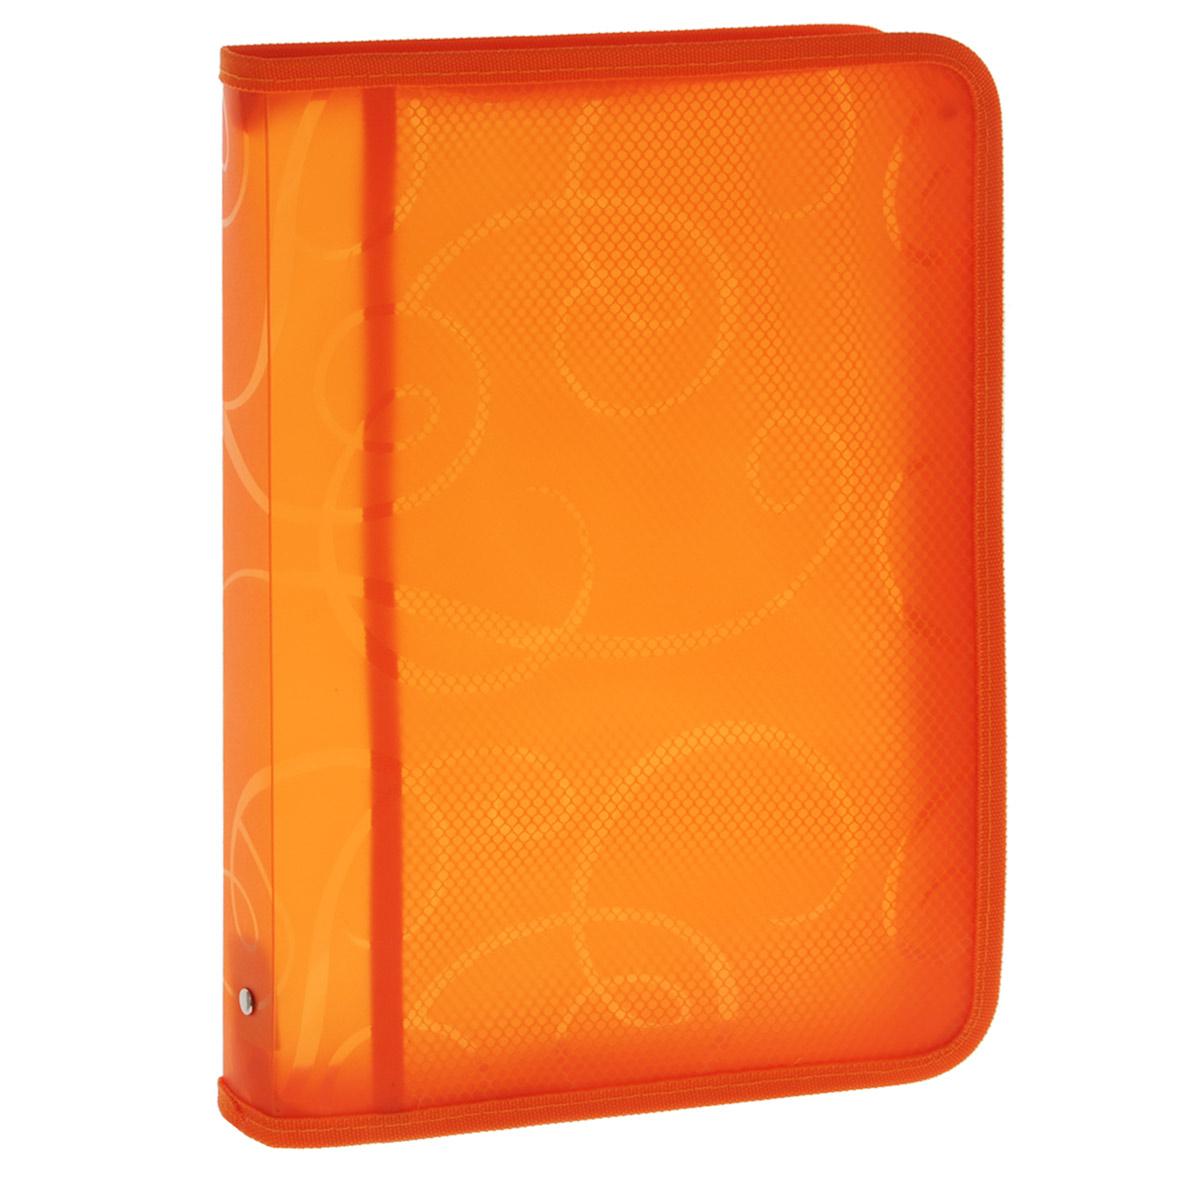 Centrum Папка на молнии цвет оранжевыйFS-54100Папка для тетрадей Centrum - это удобный и функциональный офисный инструмент, предназначенный для хранения и транспортировки рабочих бумаг и документов формата А4, а также тетрадей и канцелярских принадлежностей.Папка изготовлена из прочного высококачественного пластика, закрывается на круговую застежку-молнию. Папка состоит из одного отделения, внутри расположен открытый карман-сеточка. Папка оформлена оригинальным принтом в виде спиралей. Папка имеет опрятный и неброский вид. Края папки отделаны полиэстером, а уголки имеют закругленную форму, что предотвращает их загибание и помогает надолго сохранить опрятный вид обложки.Папка - это незаменимый атрибут для любого студента, школьника или офисного работника. Такая папка надежно сохранит ваши бумаги и сбережет их от повреждений, пыли и влаги.